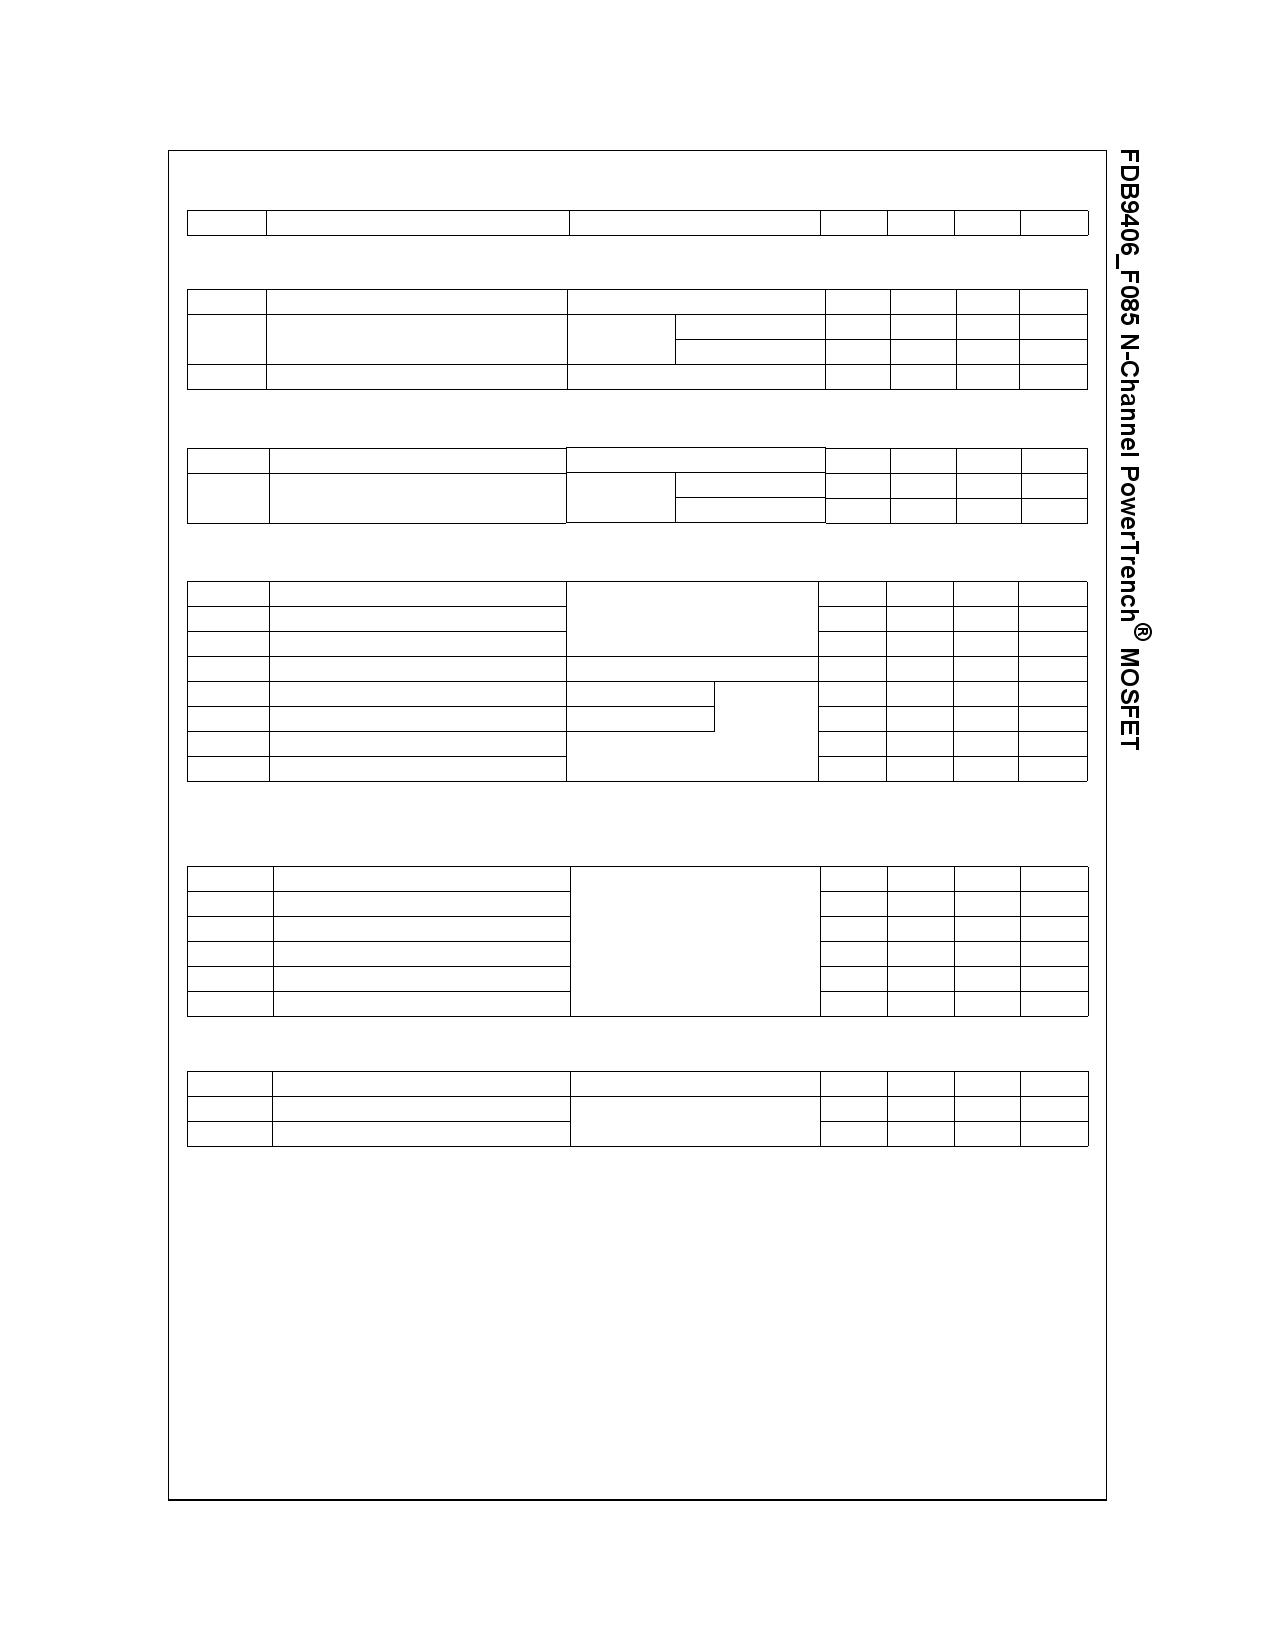 FDB9406_F085 pdf, schematic